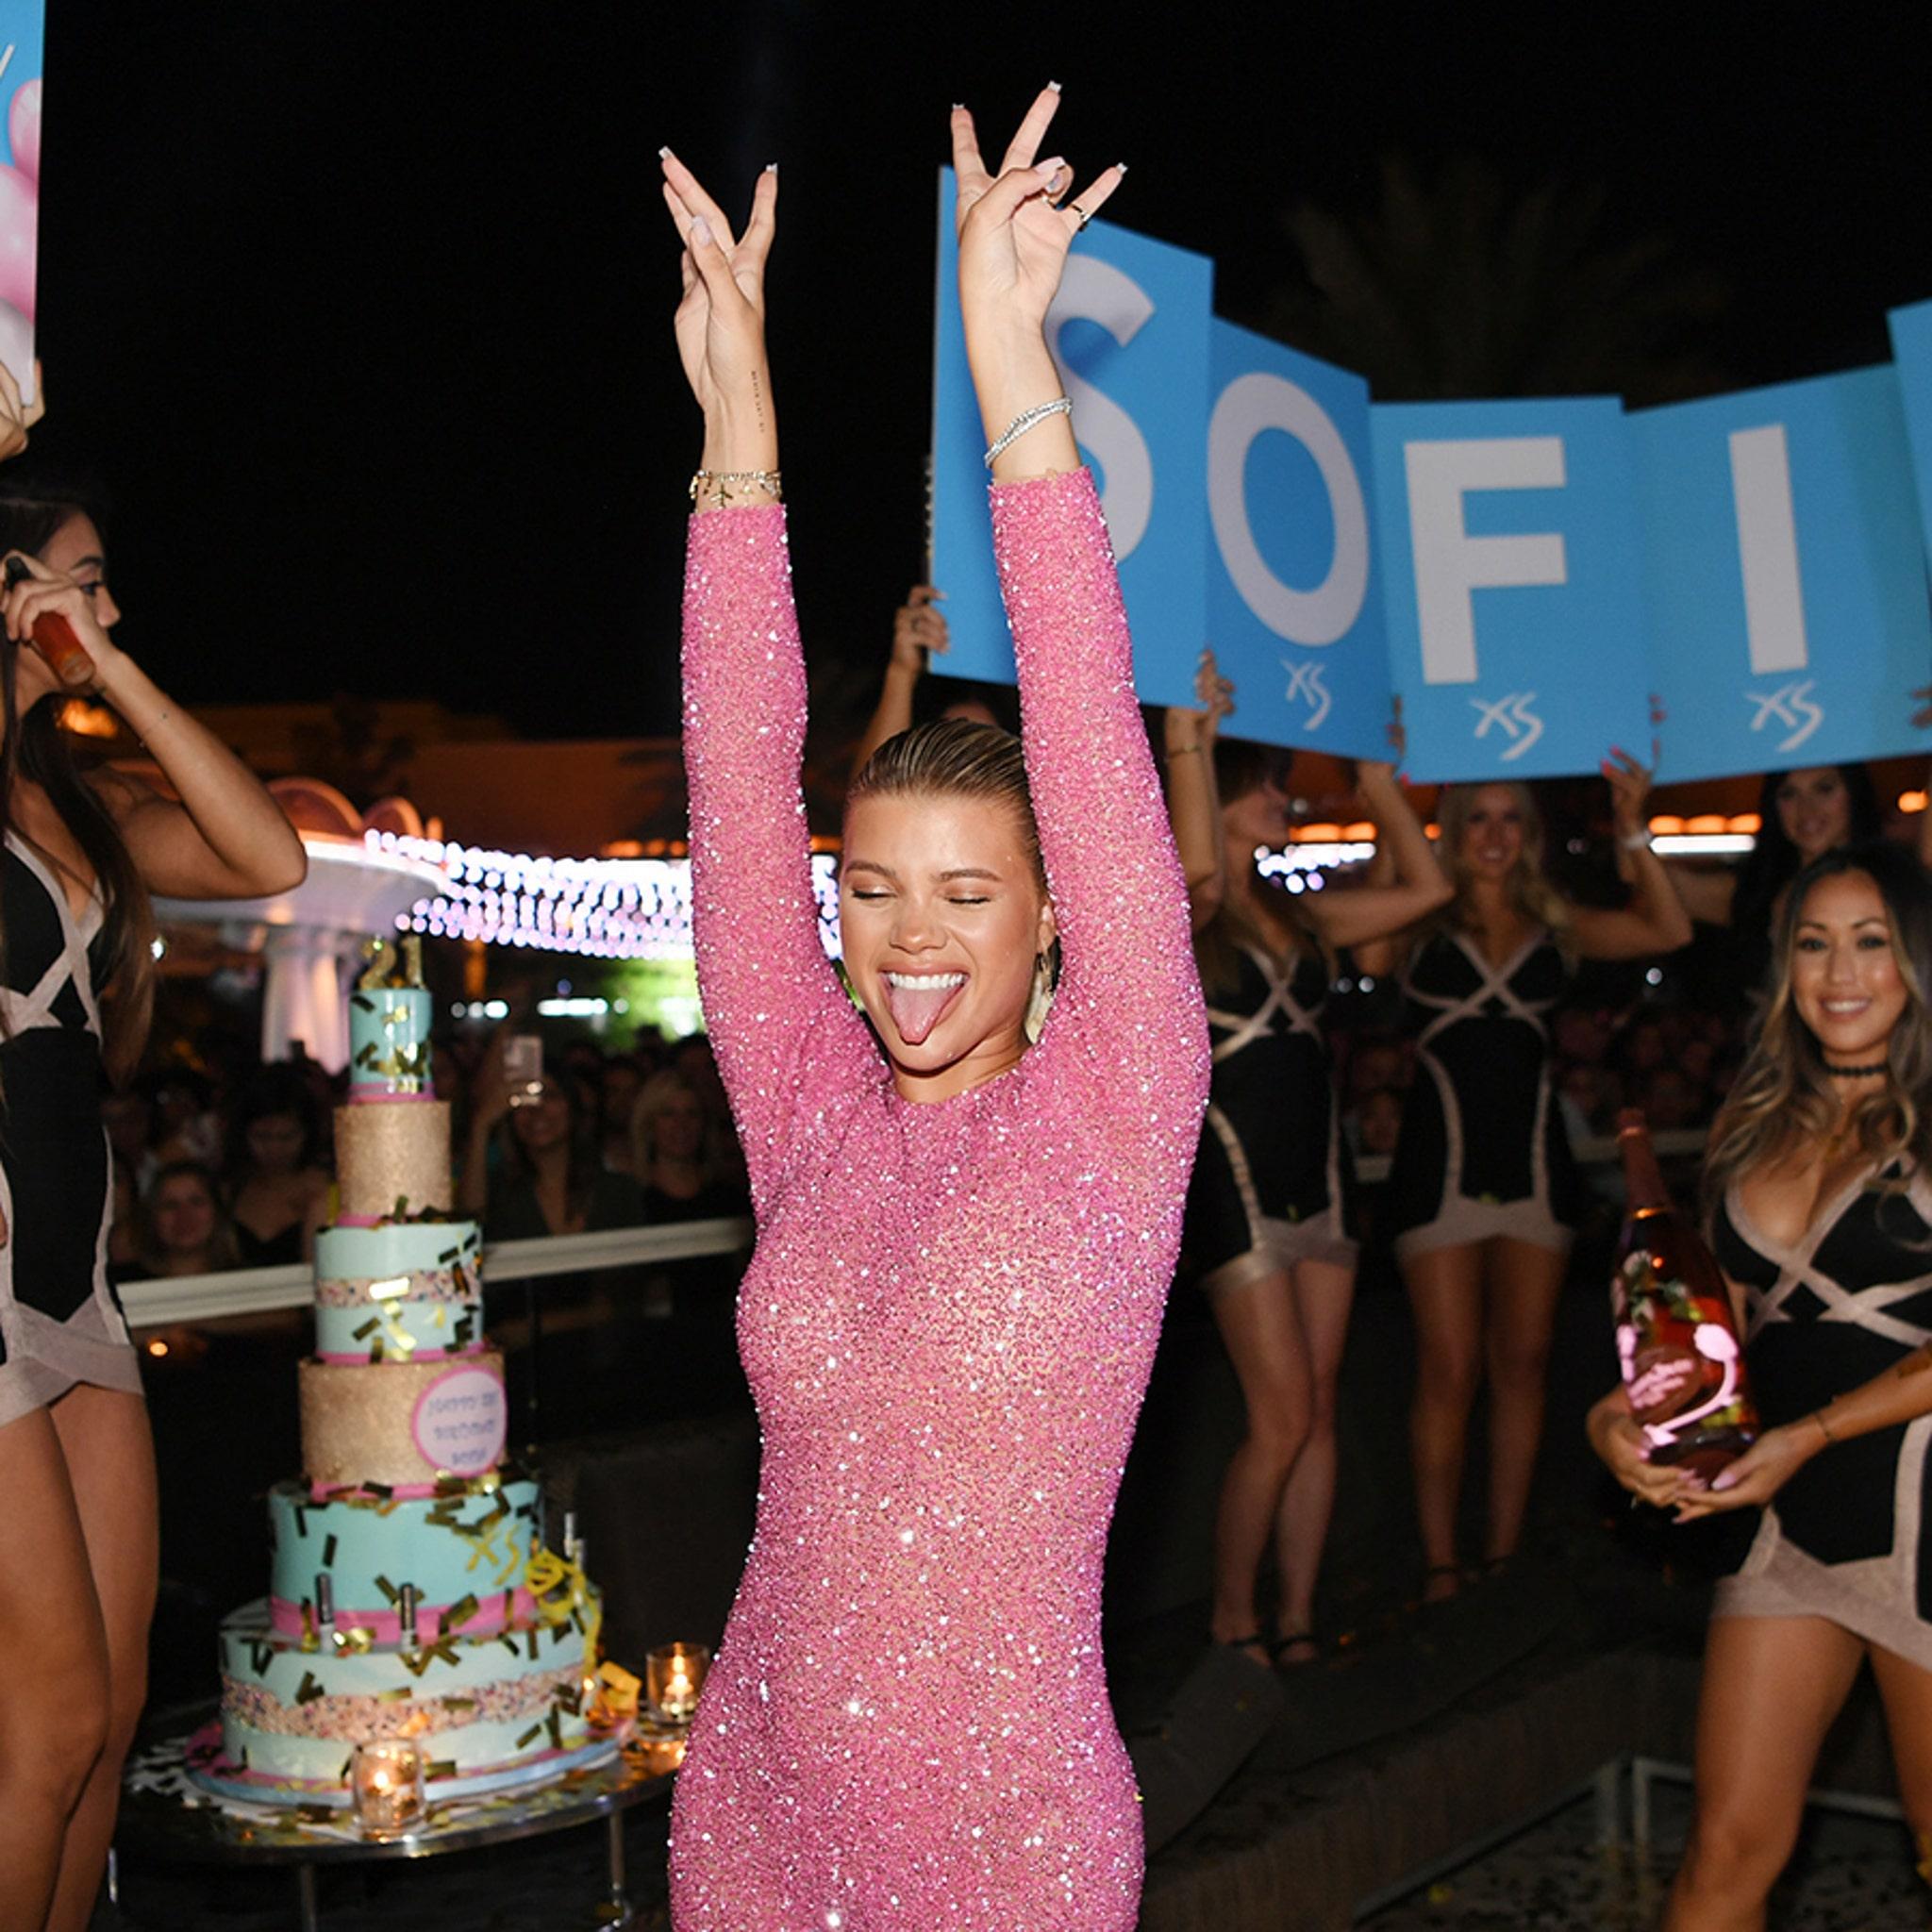 Sofia Richie Celebrates 21st Birthday in Las Vegas